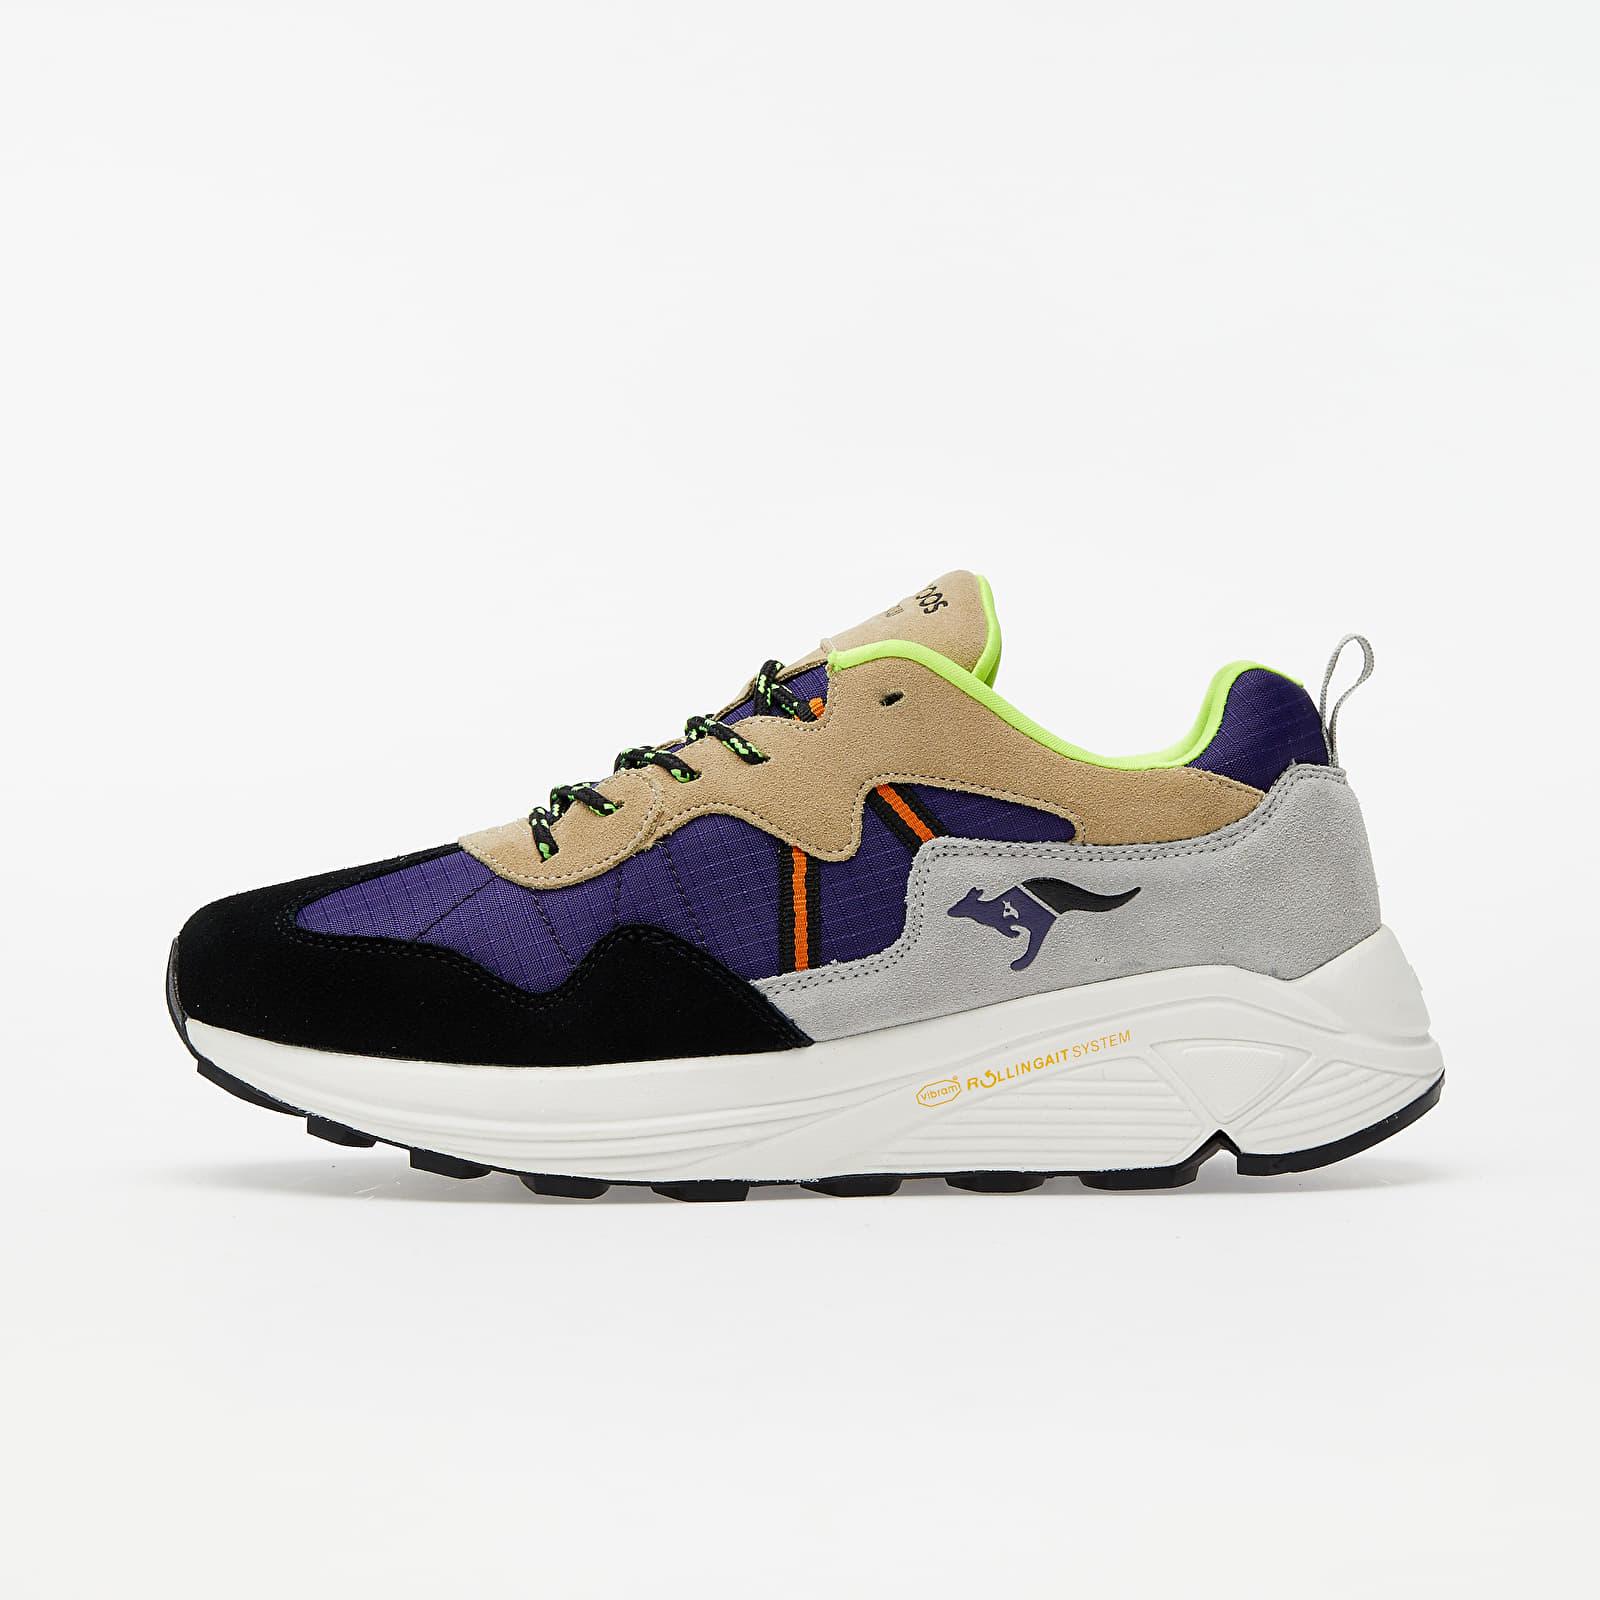 KangaROOS Dynaflow Vapor Grey/ Purple 472700002054